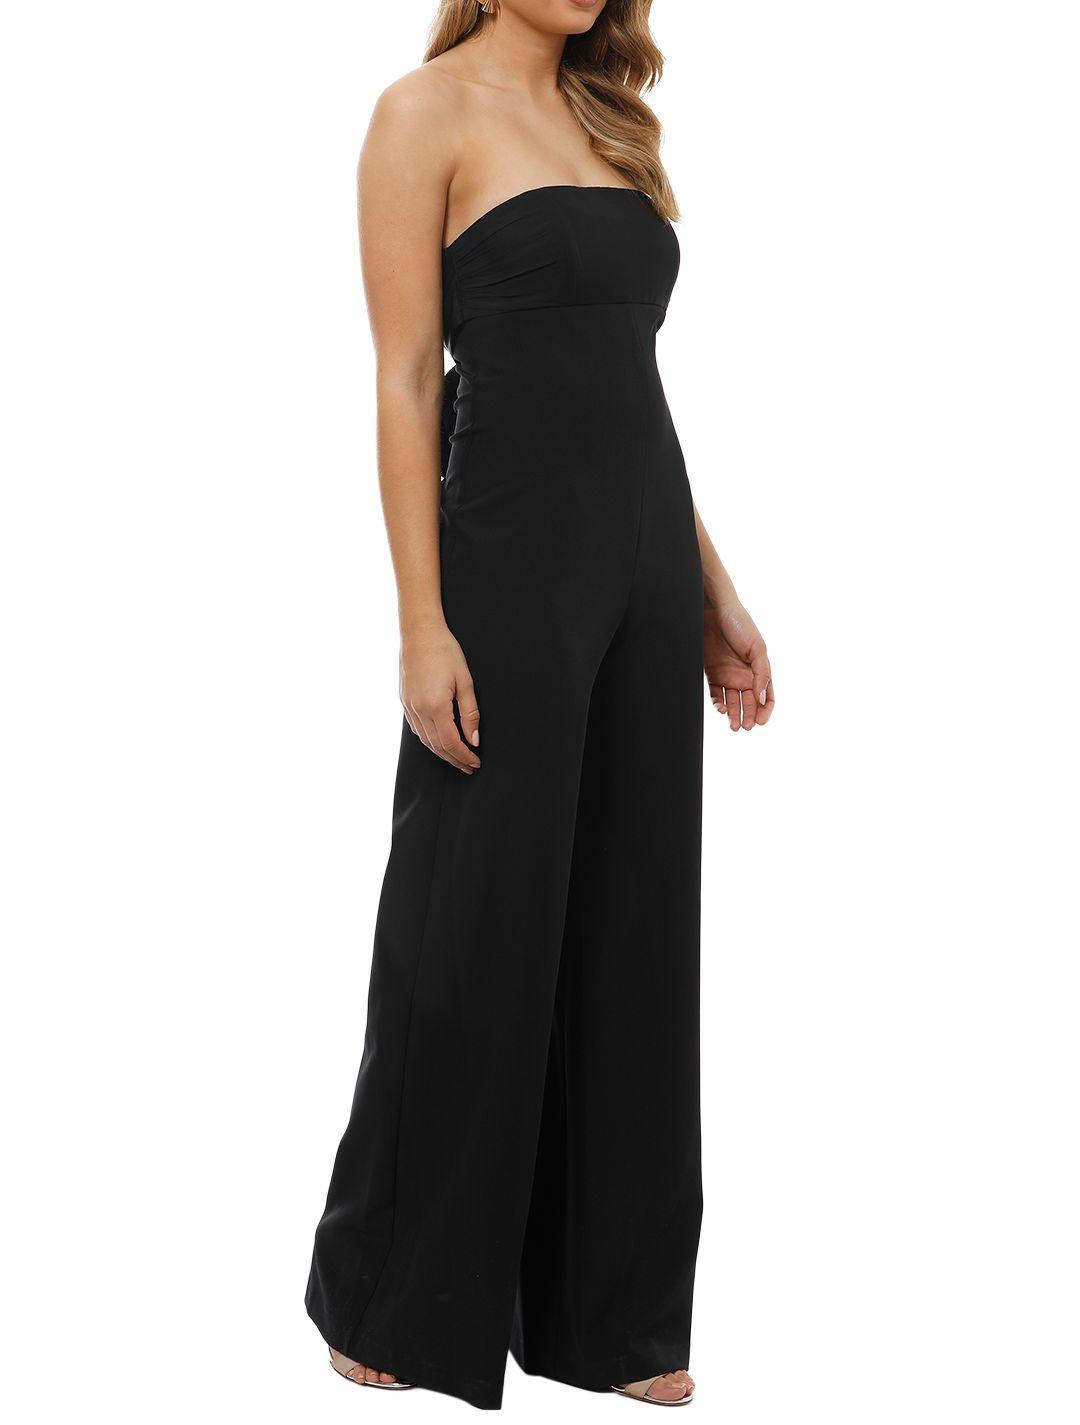 Milly - Brooke Jumpsuit - Black - Side